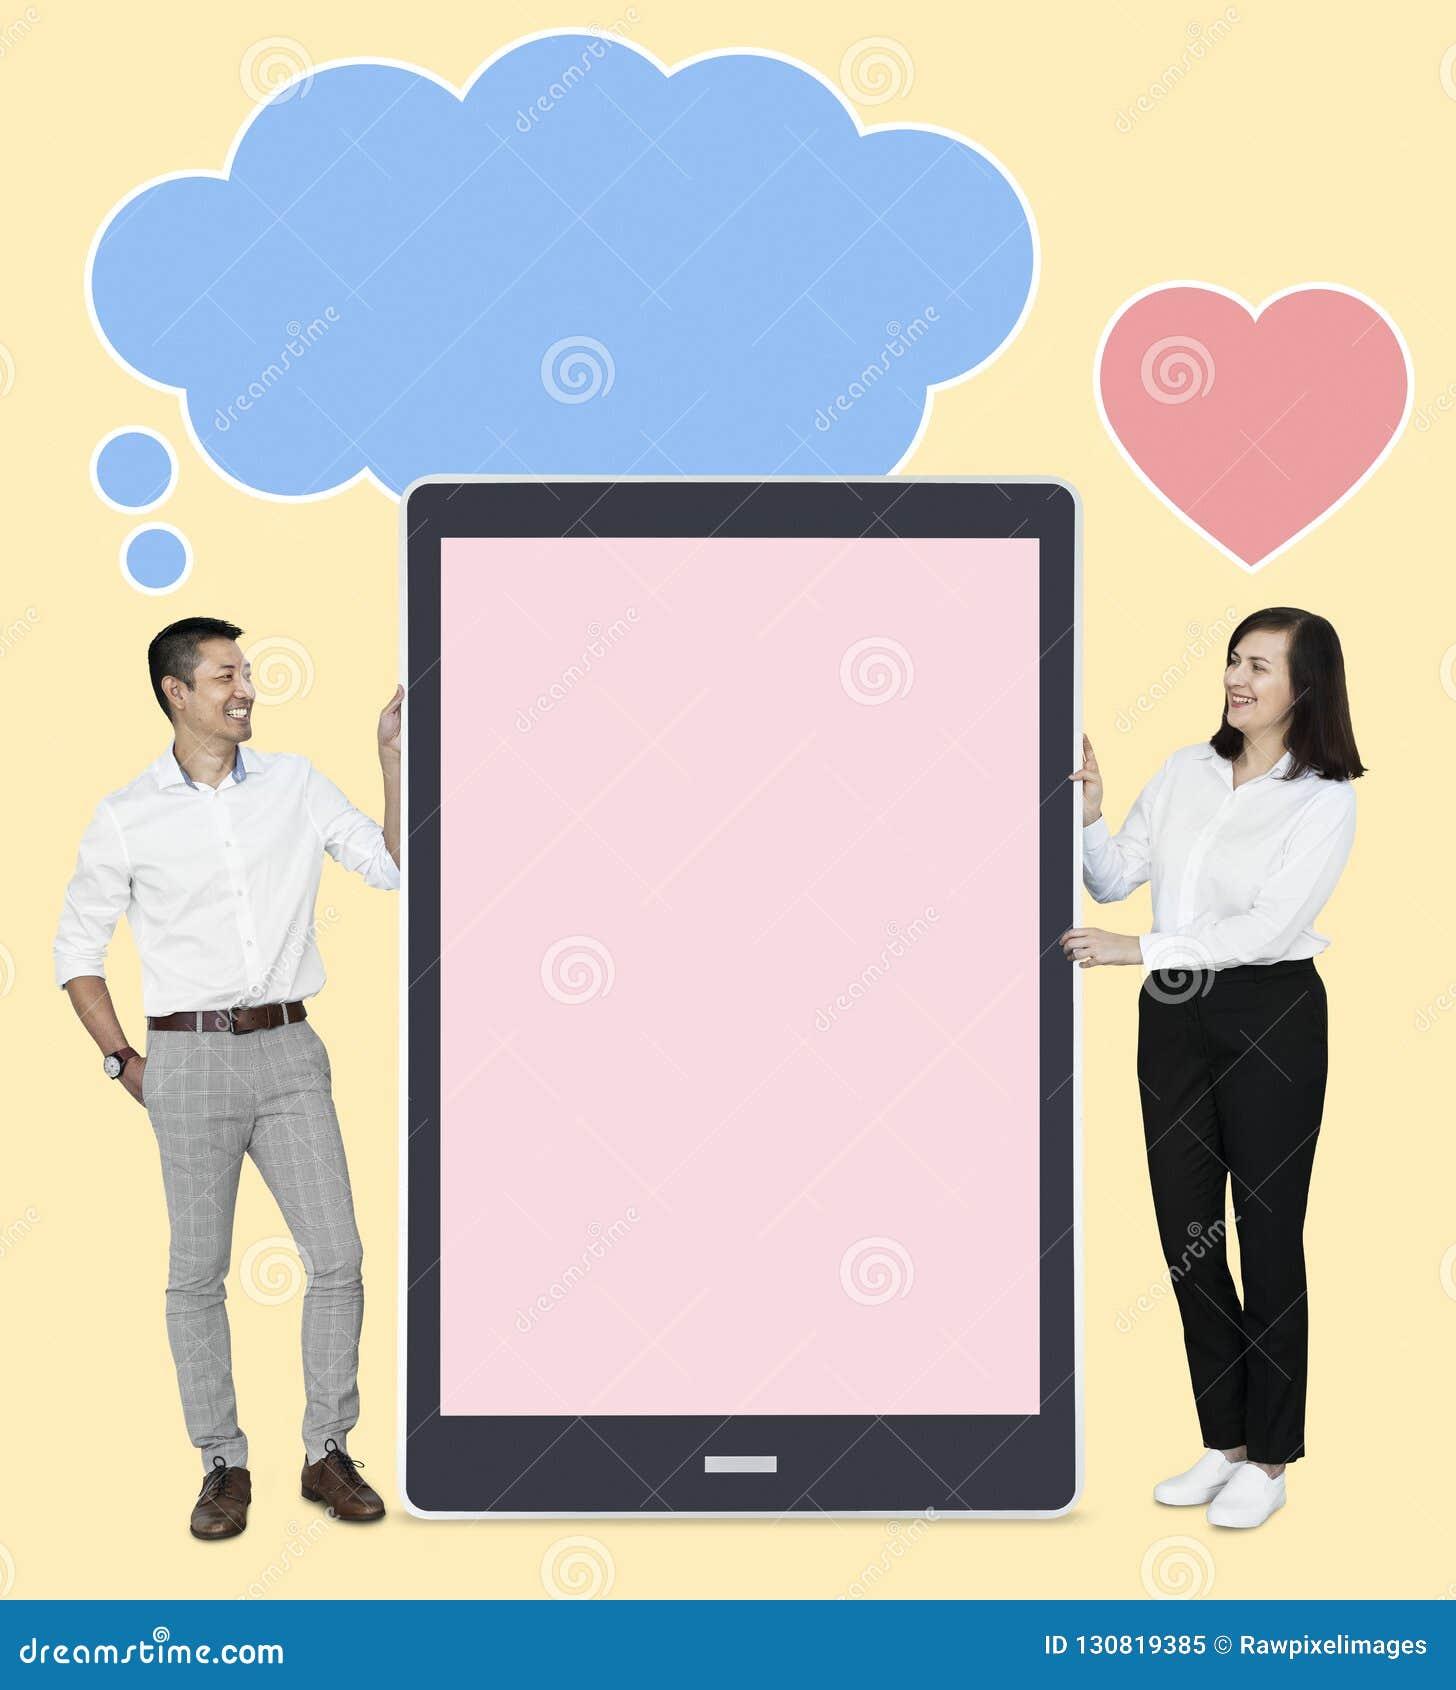 vrai chat en ligne datant Cebu Dating App